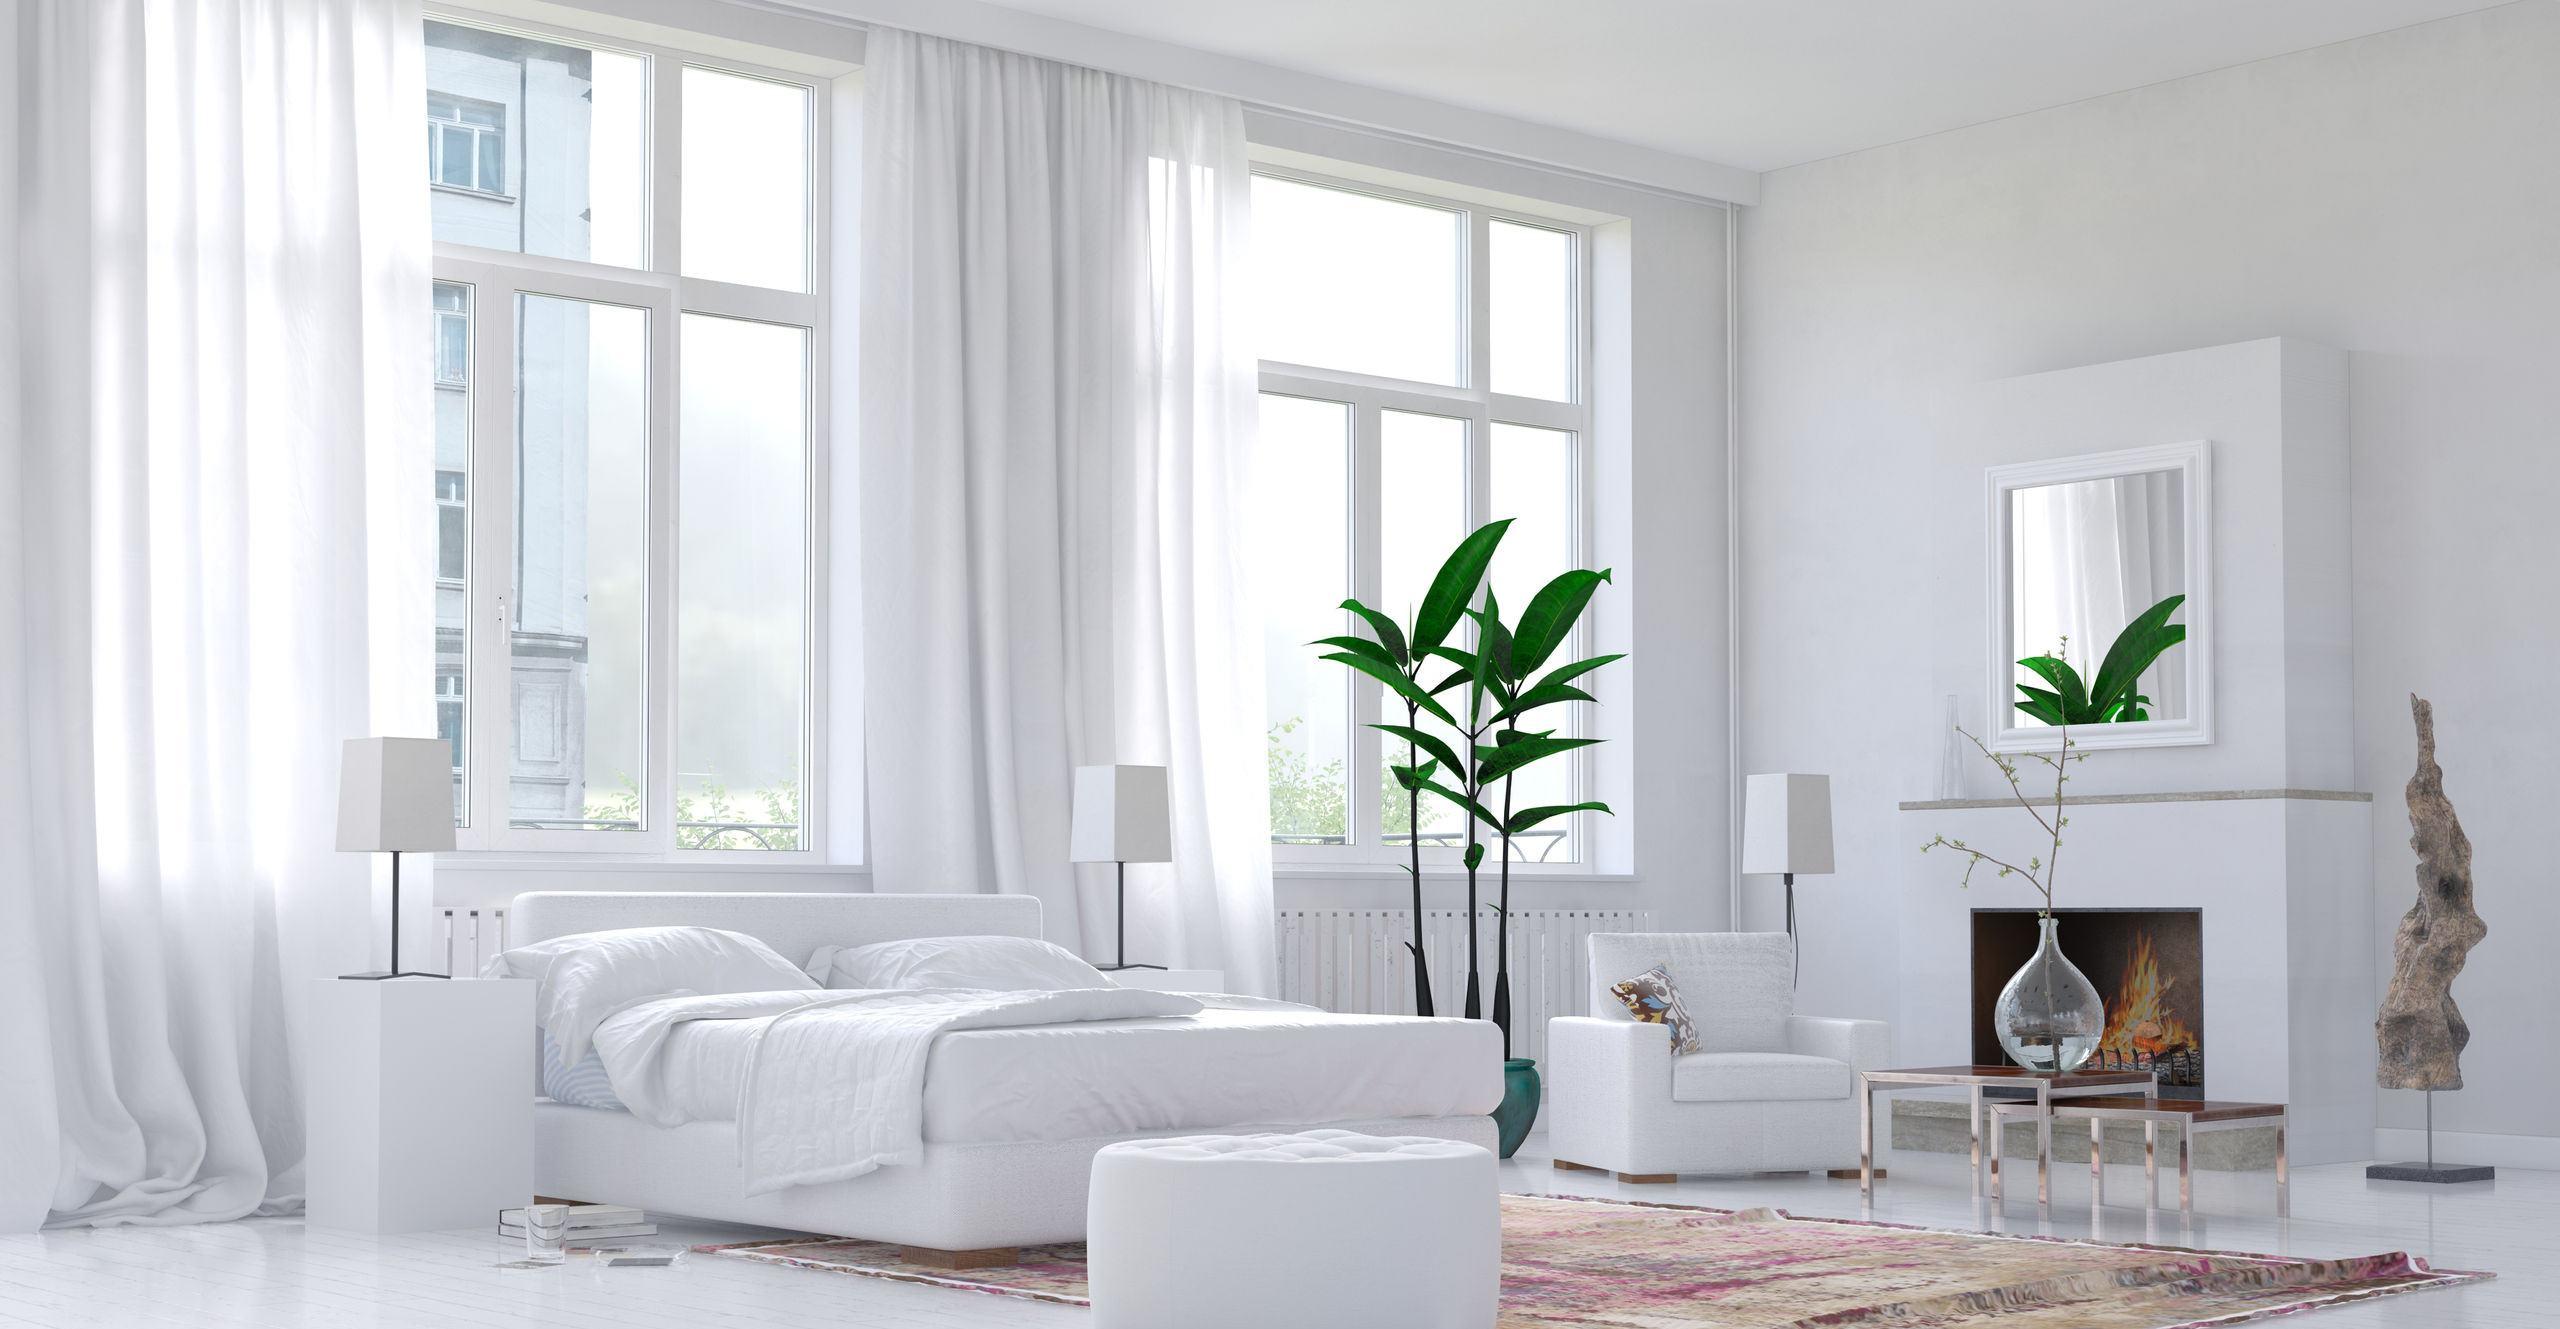 Eleganckie wnętrze z pięknymi oknami